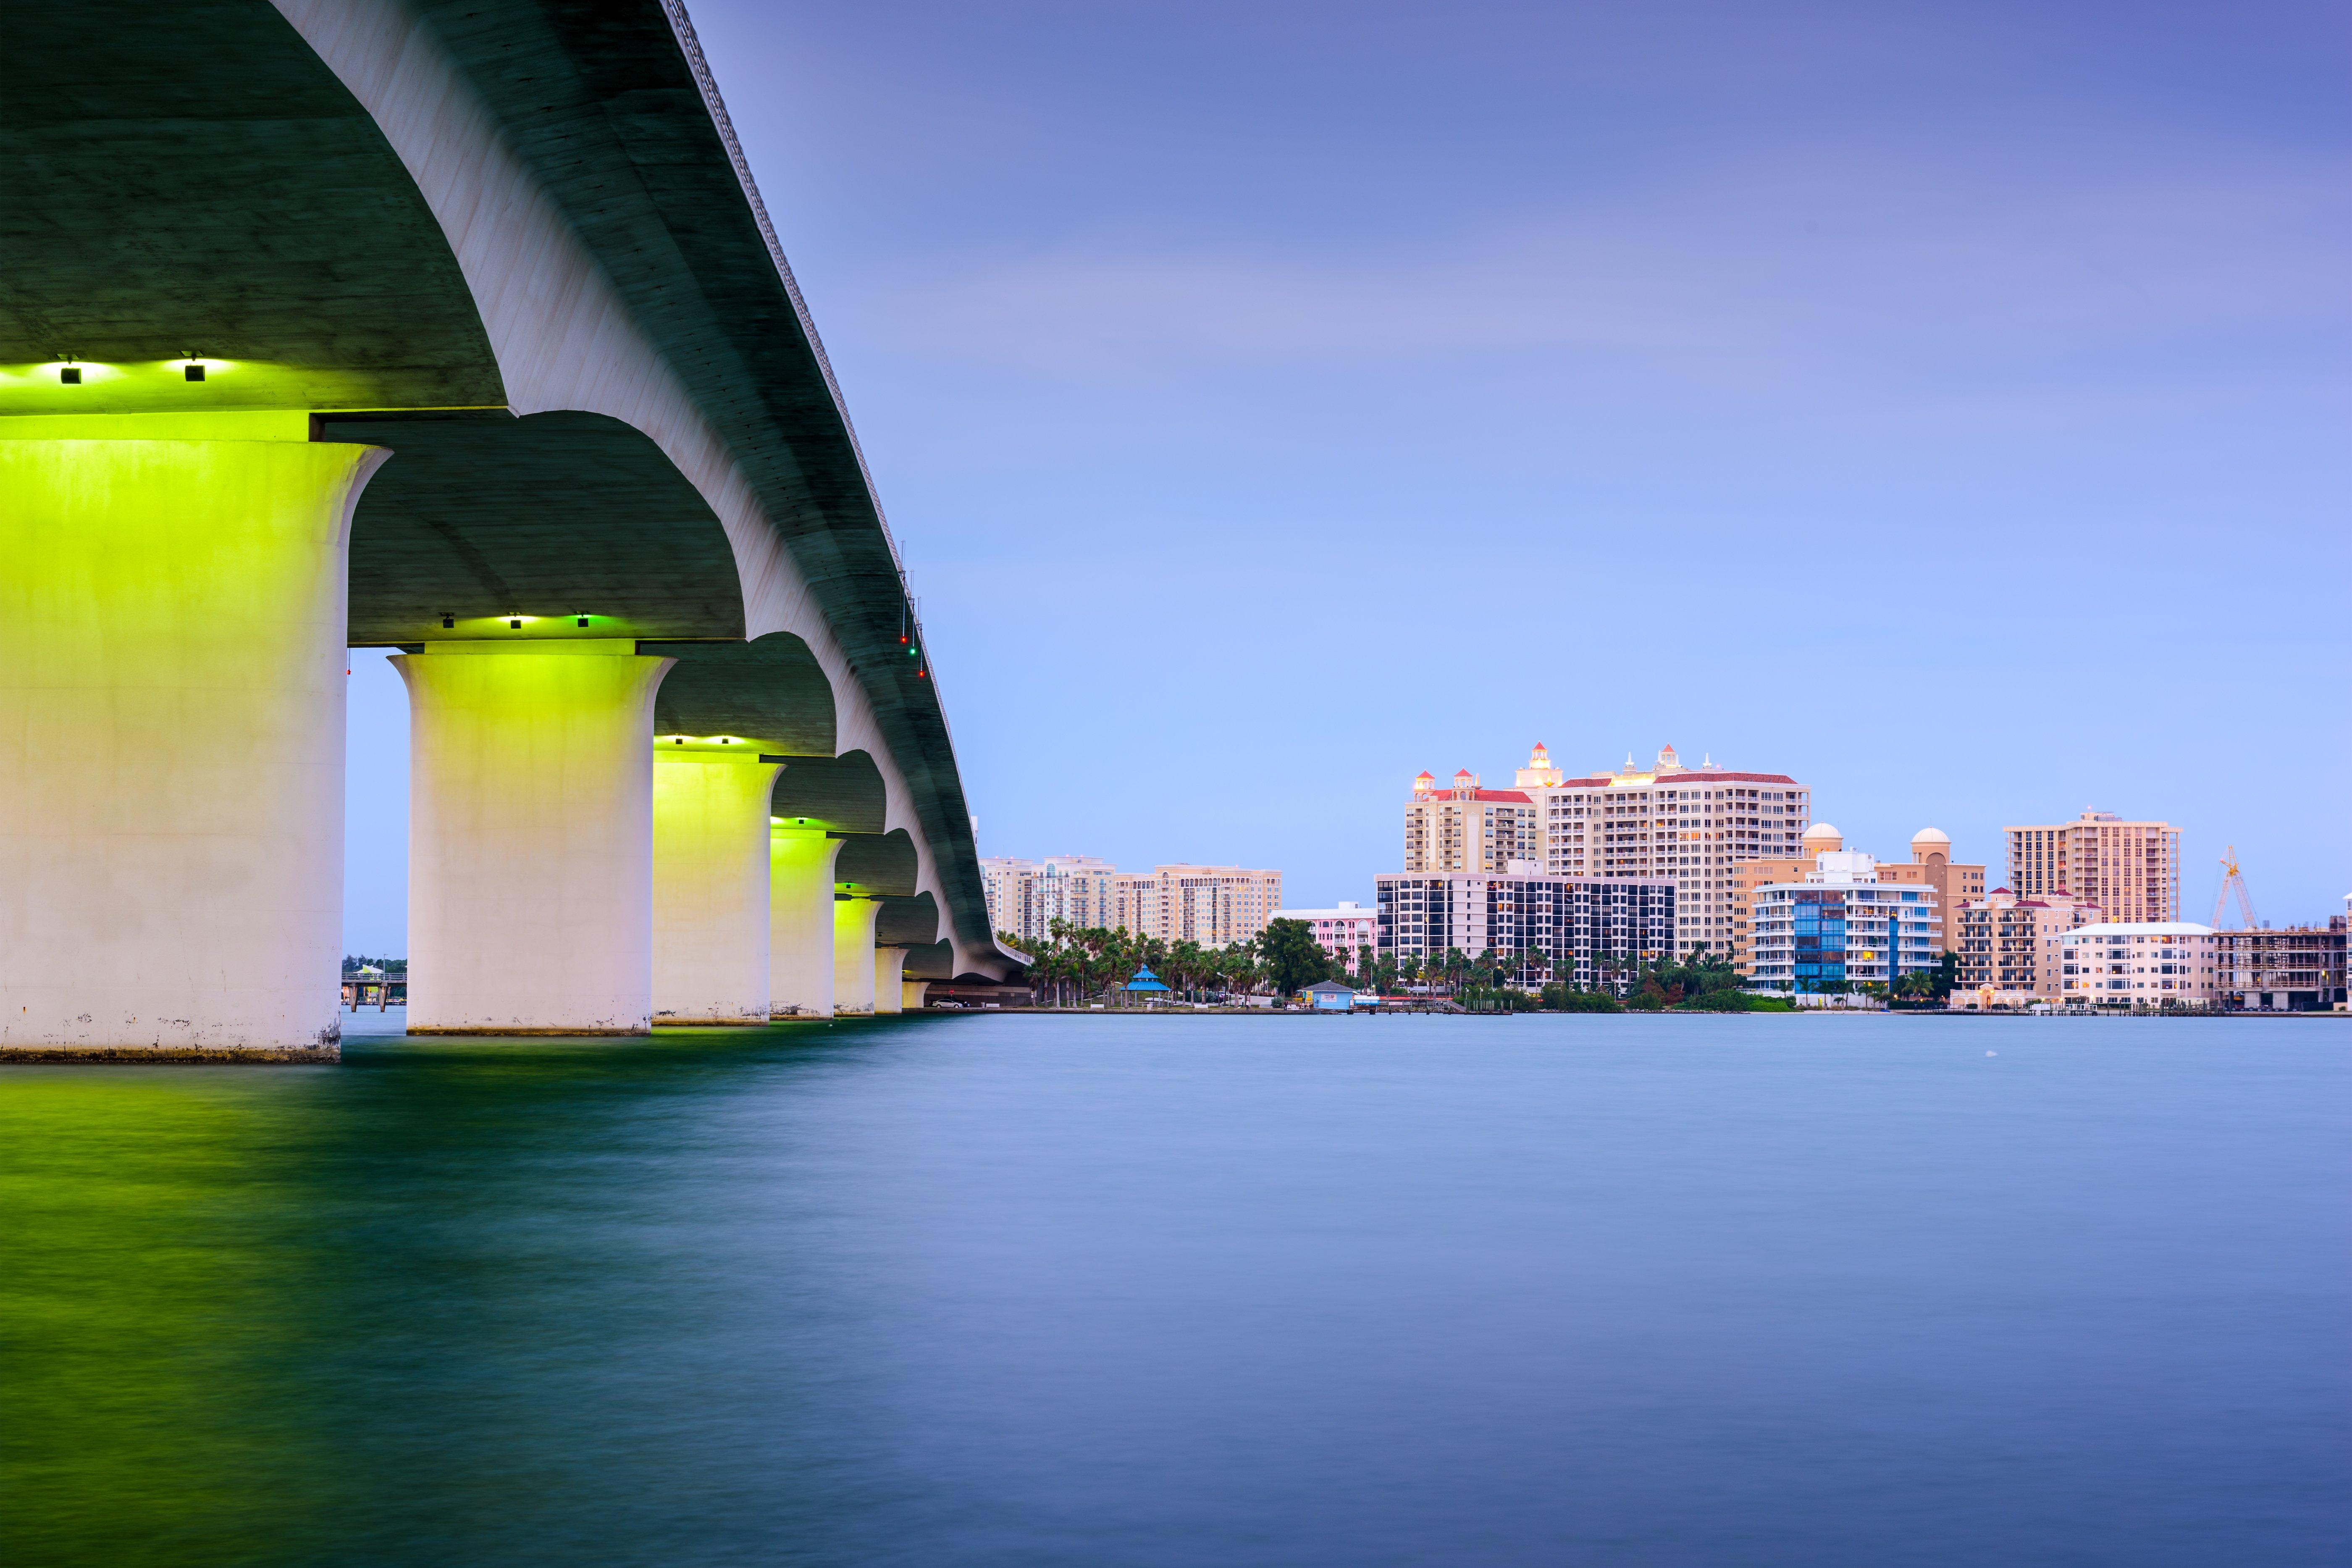 Sarasota Bridge, Florida